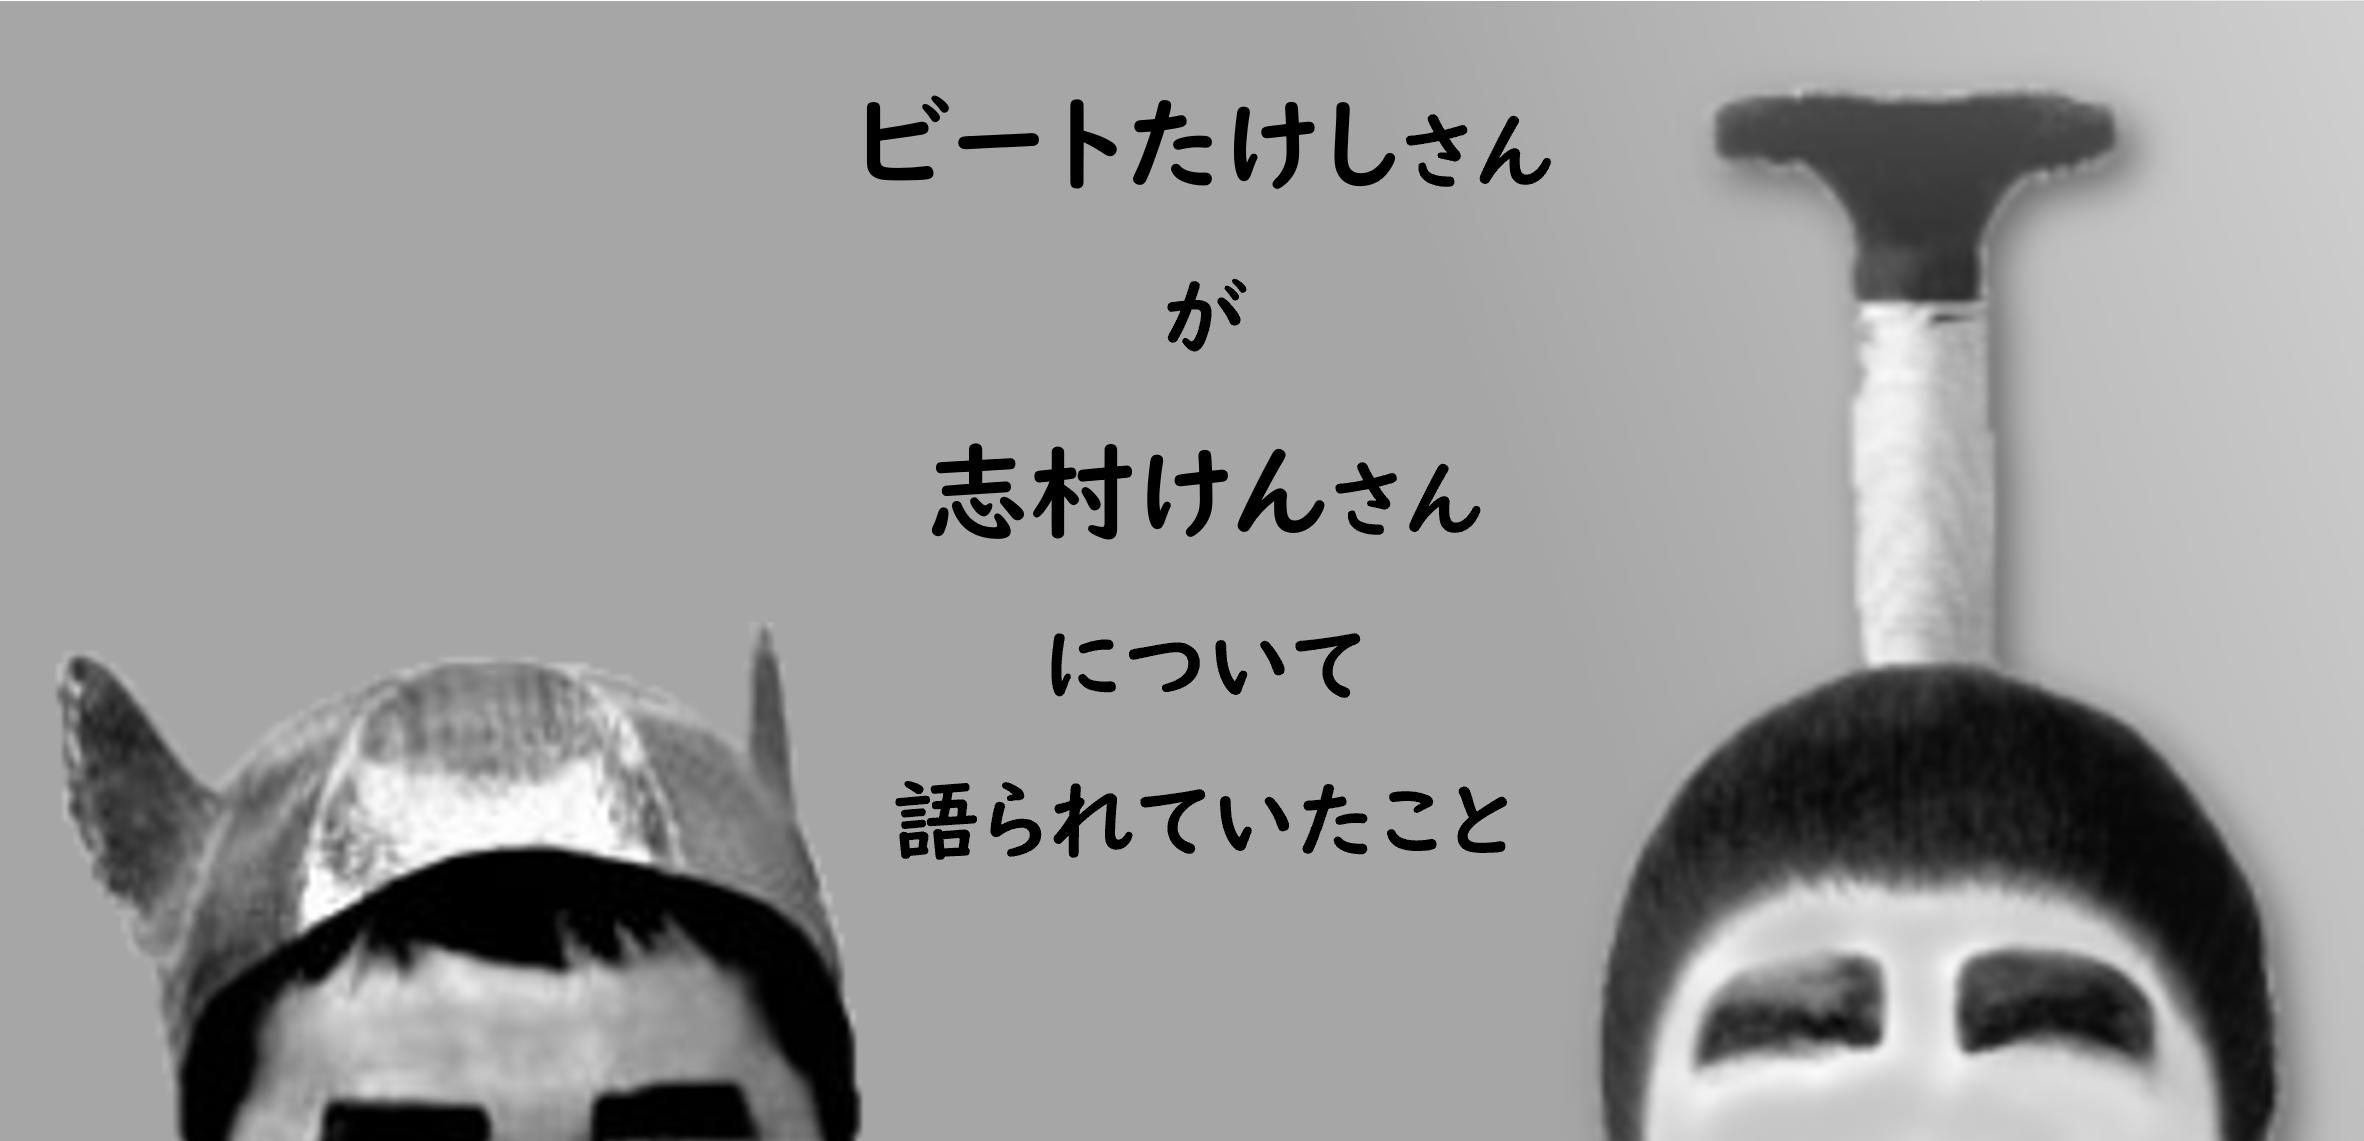 ビートたけしさんと志村けんさんです